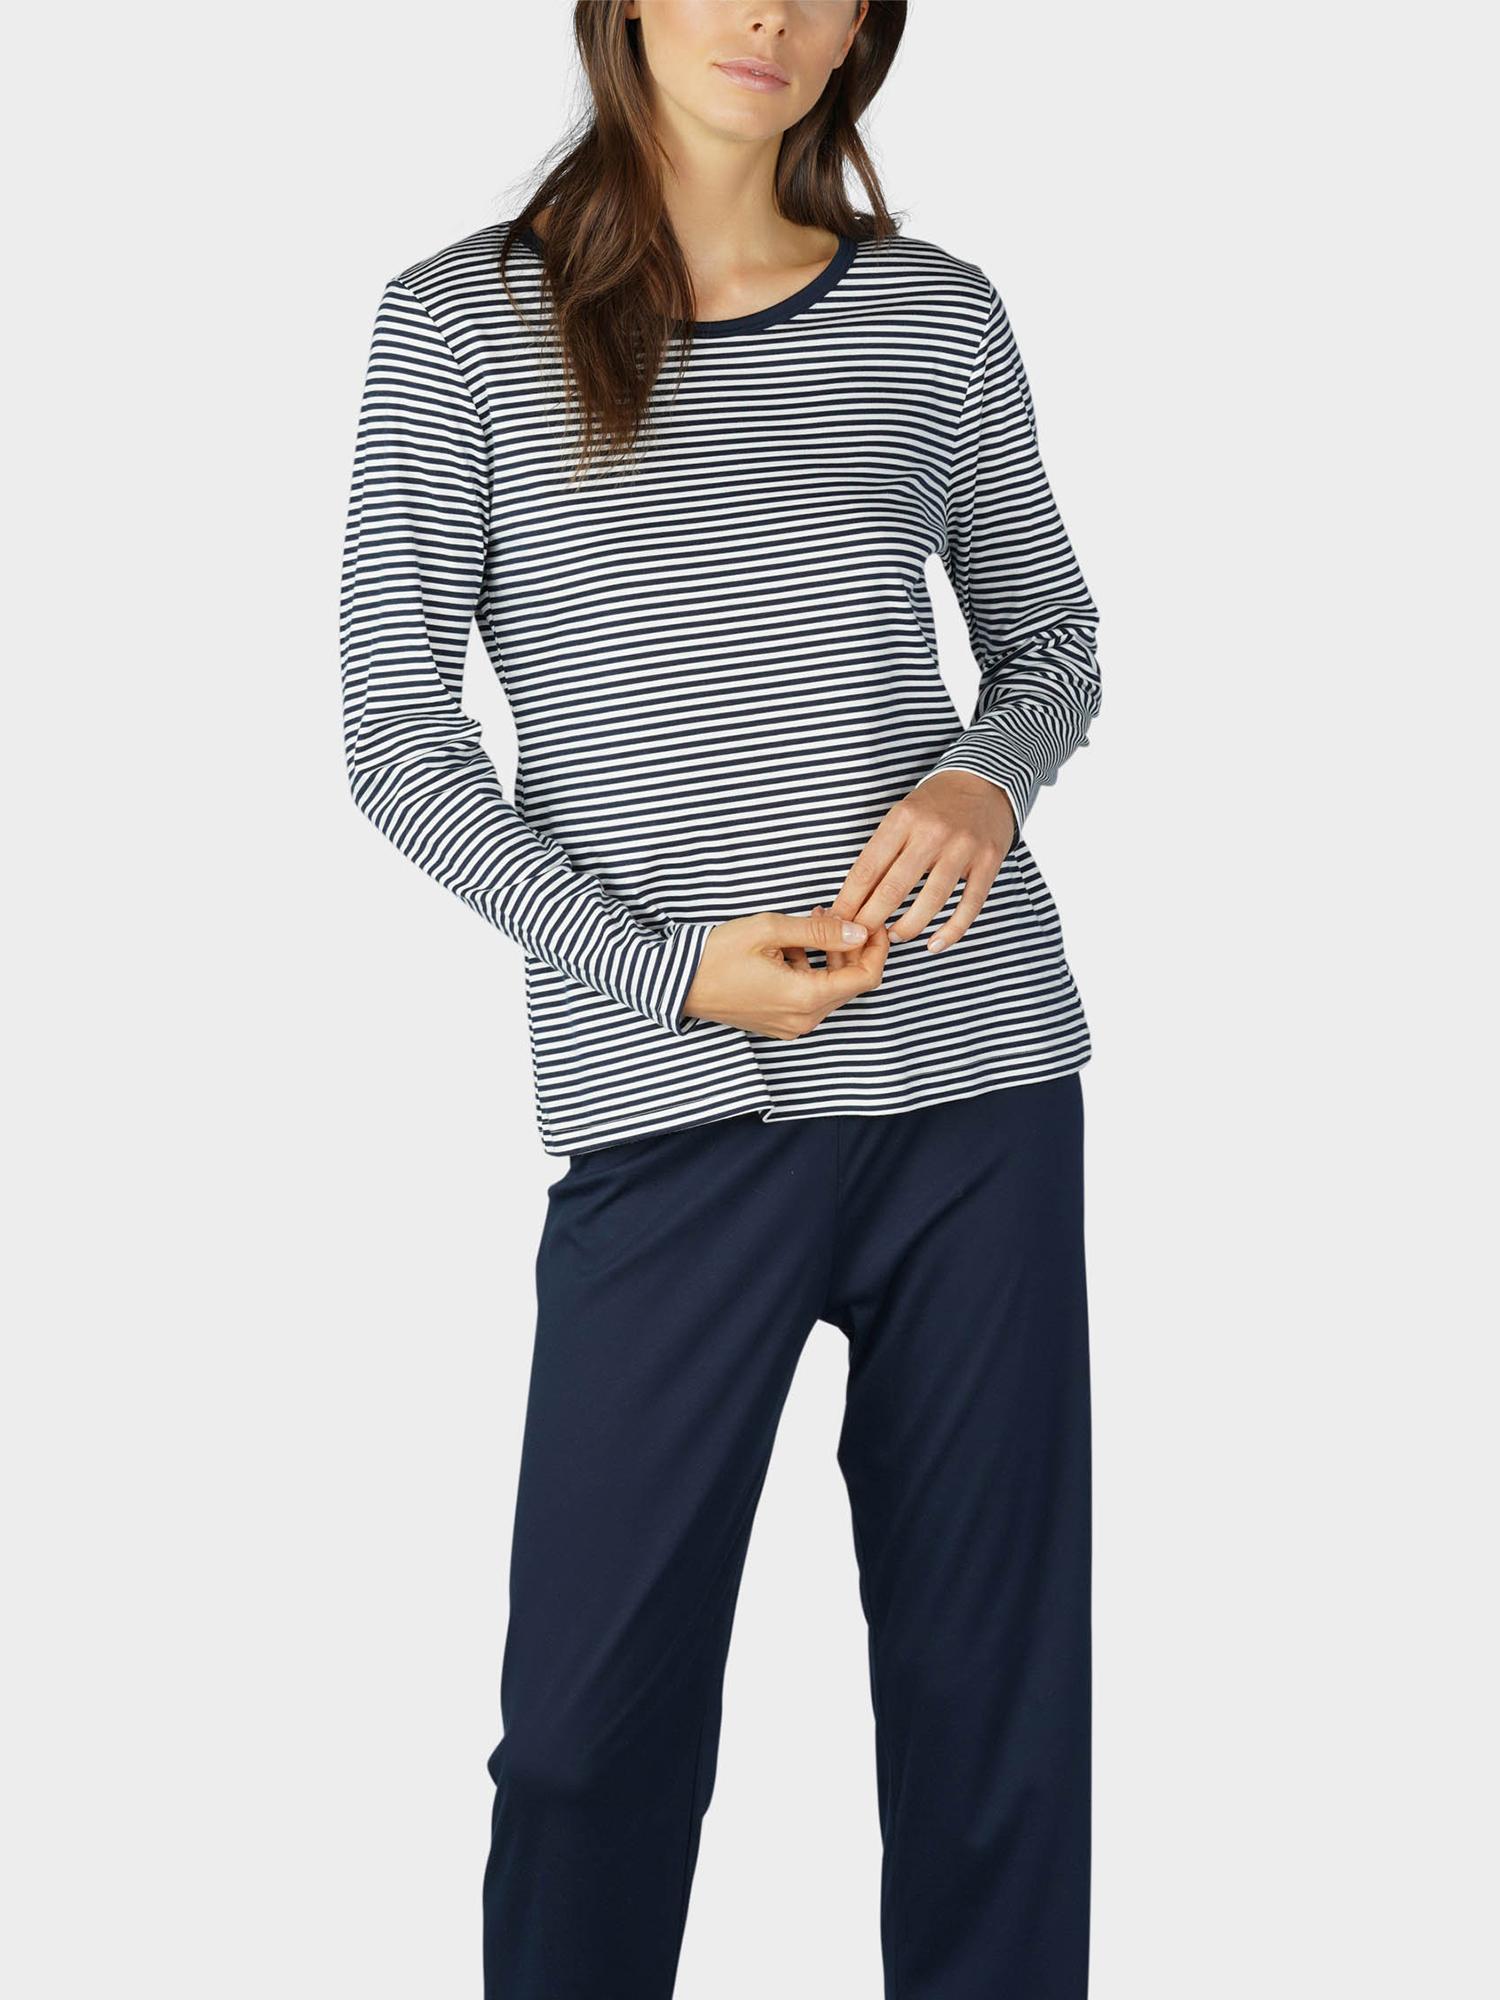 Gestreifter Pyjama für Damen | mey®